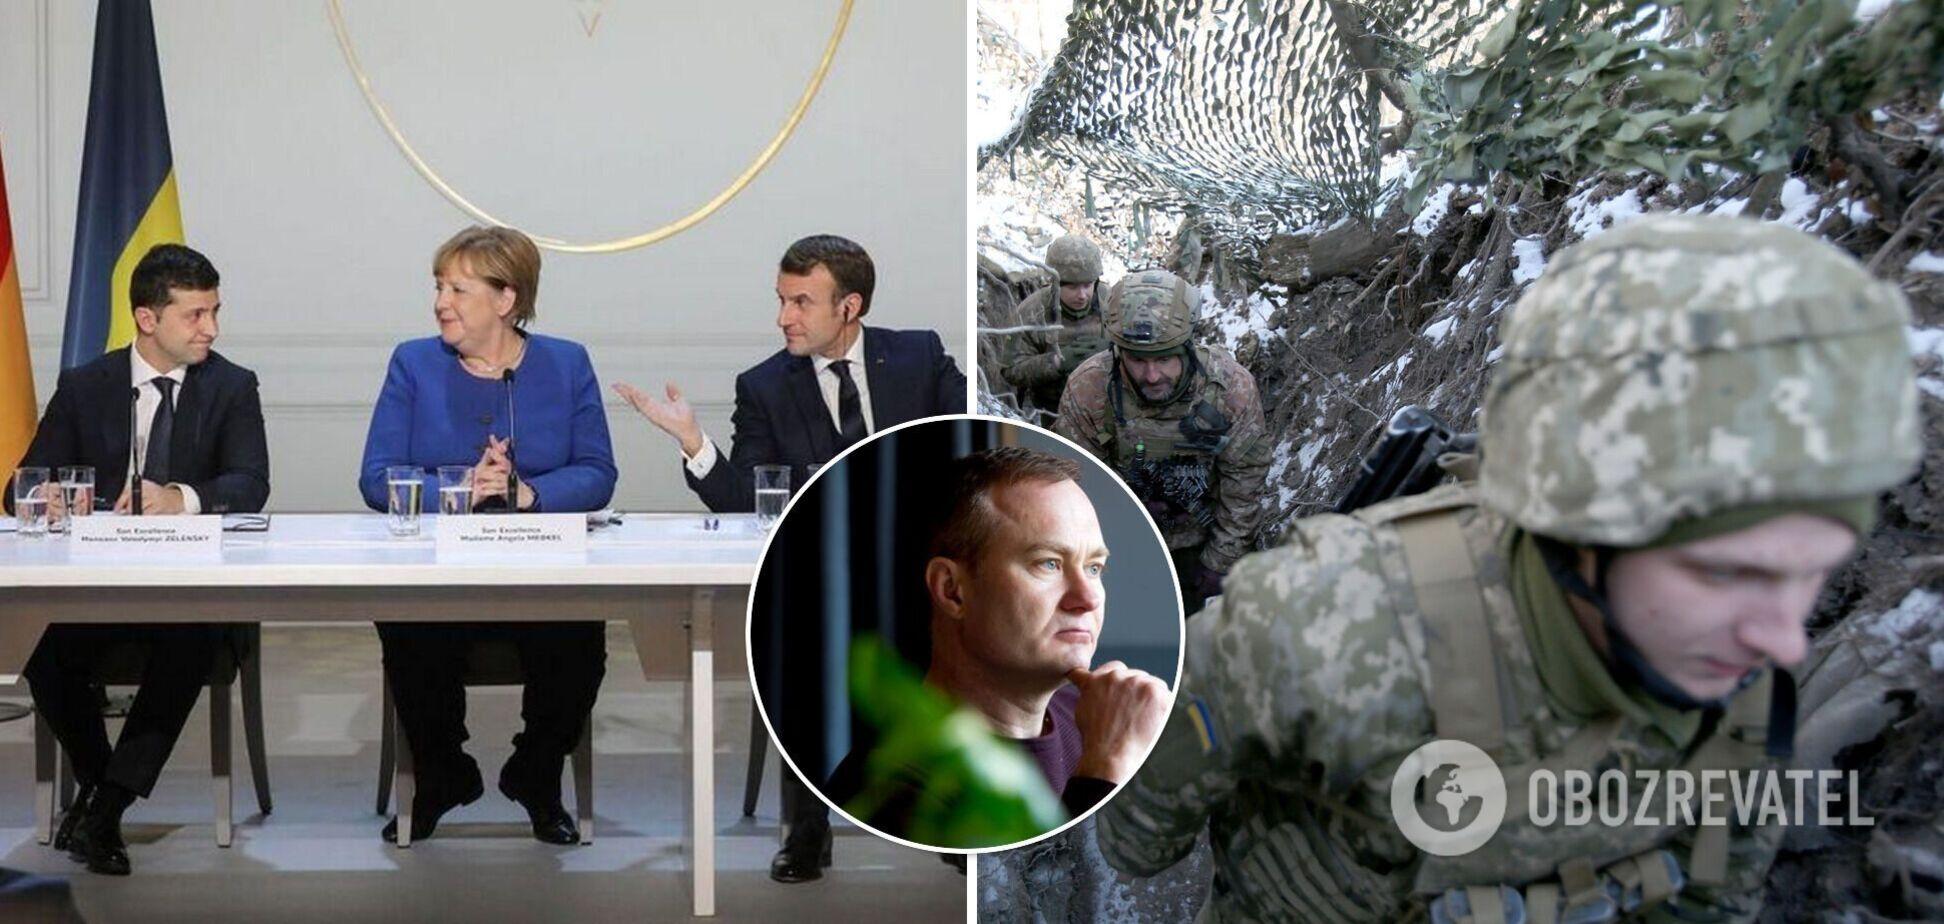 Мінські угоди-2 приведуть Україну до капітуляції, - Гармаш